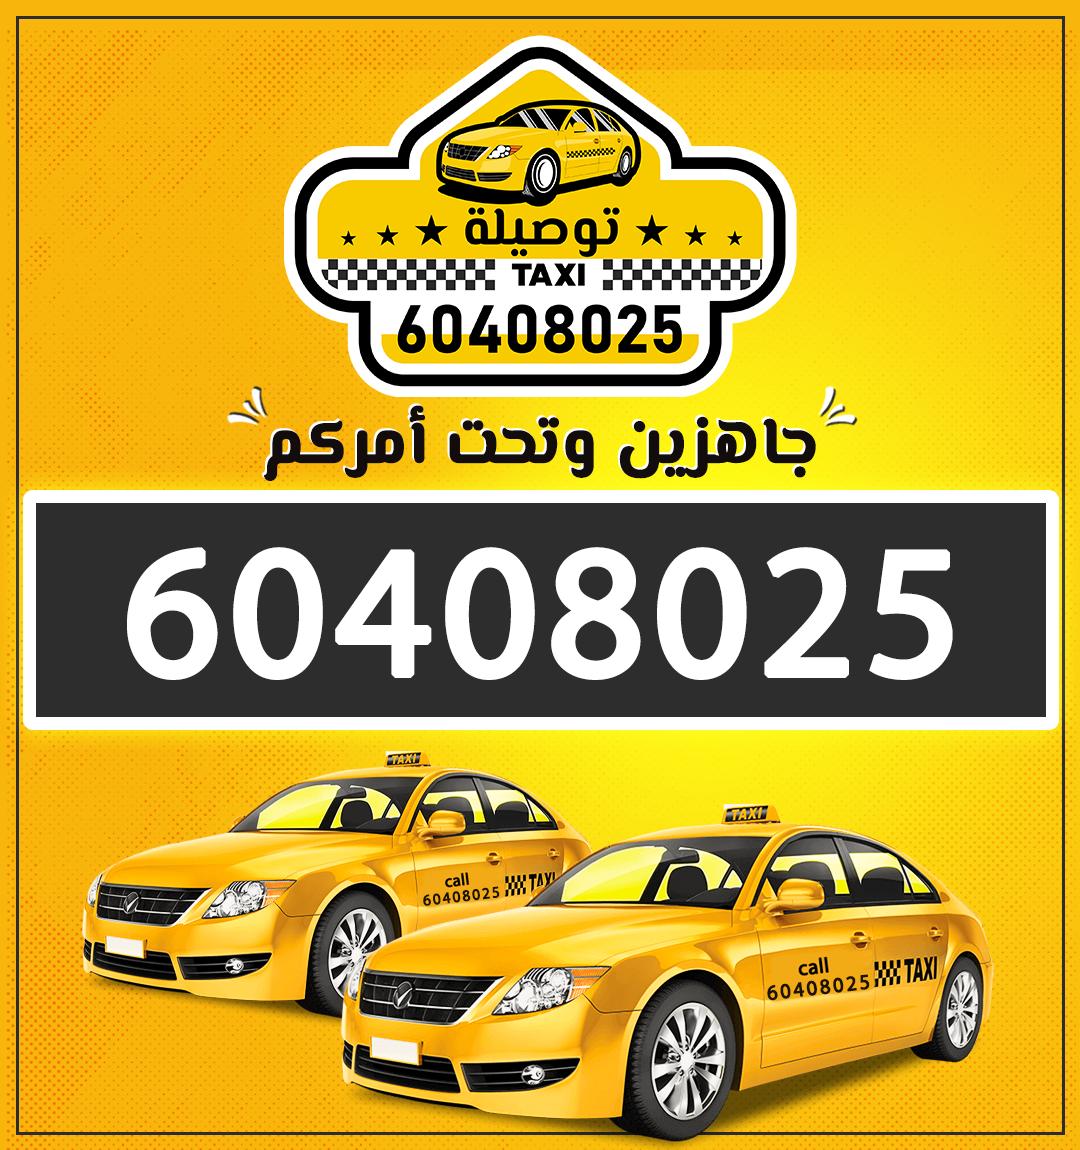 تاكسي توصيلة في شارع جابر بن حيان